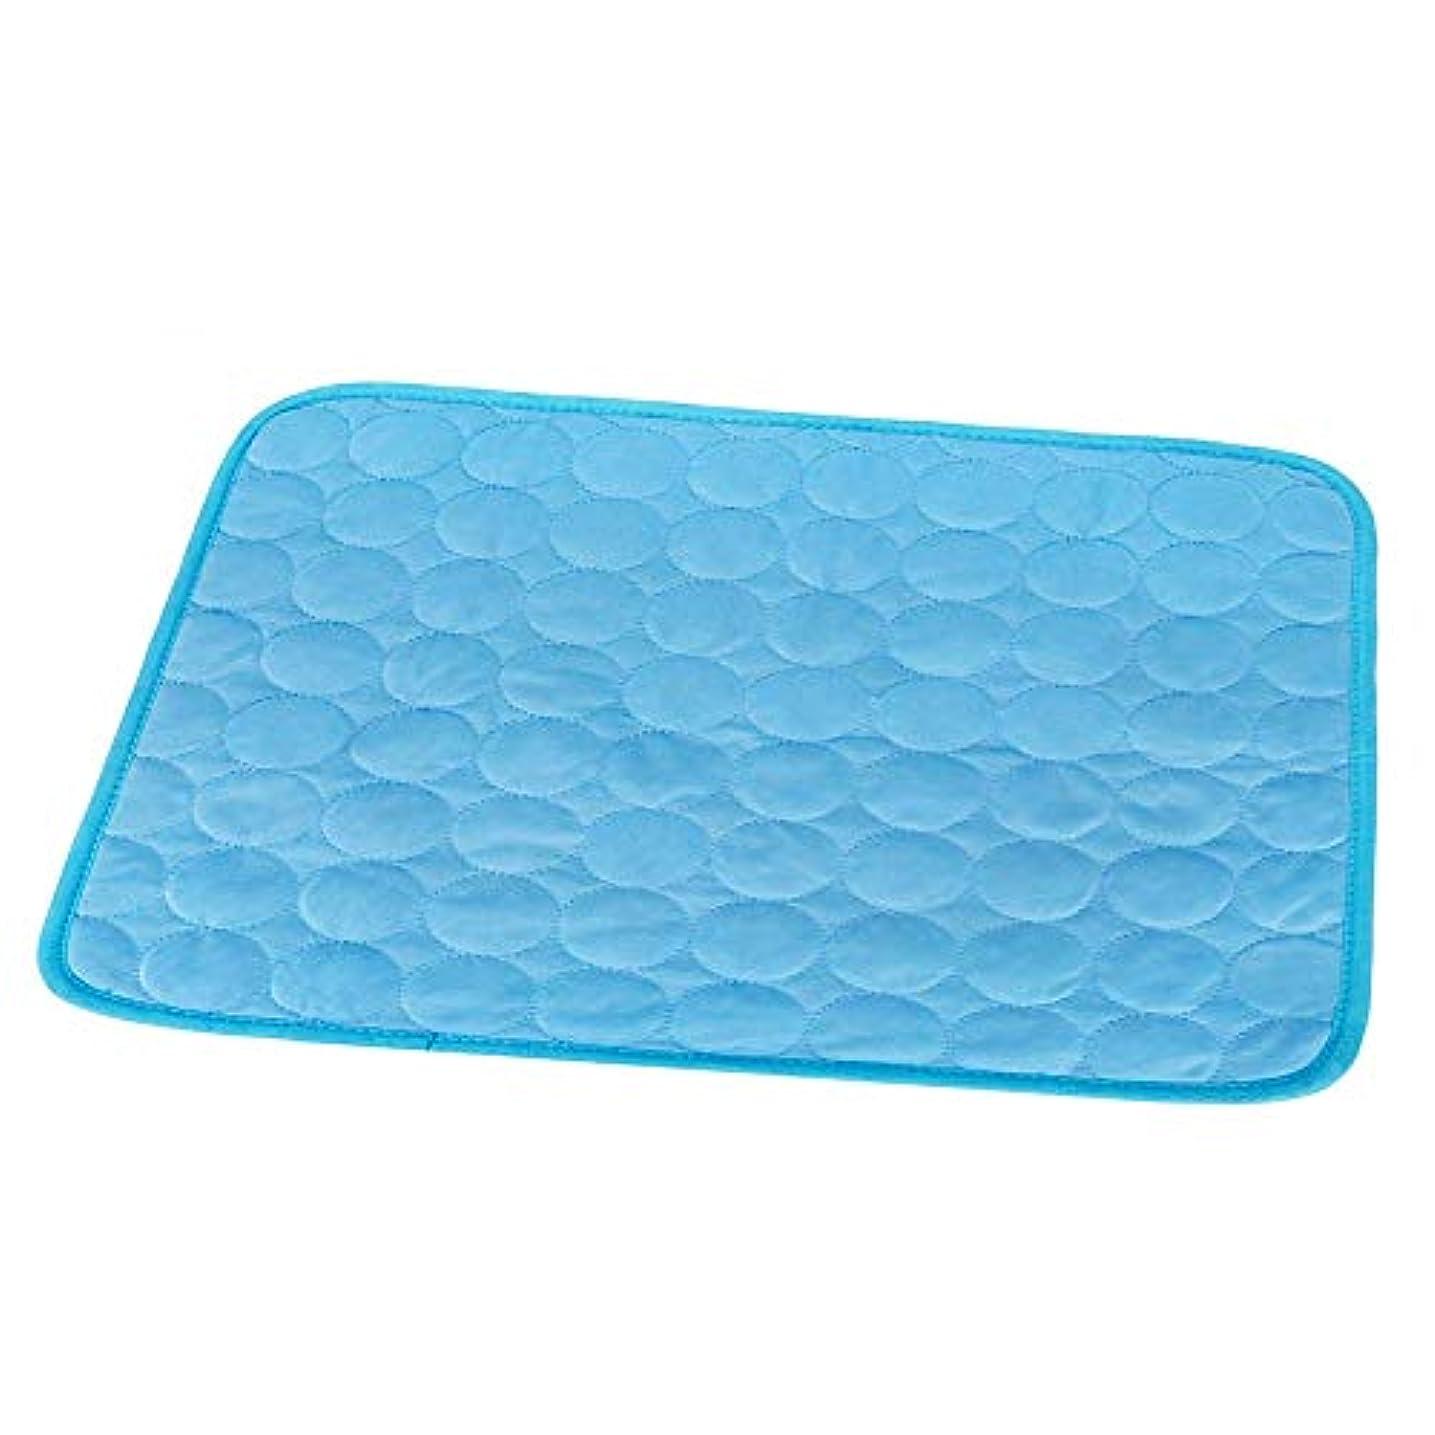 みなさん会計進化クールマット ひんやりマット ひんやり枕 冷感敷きパッド タオル地 通気性が良い 接触冷感 涼感冷感クッション